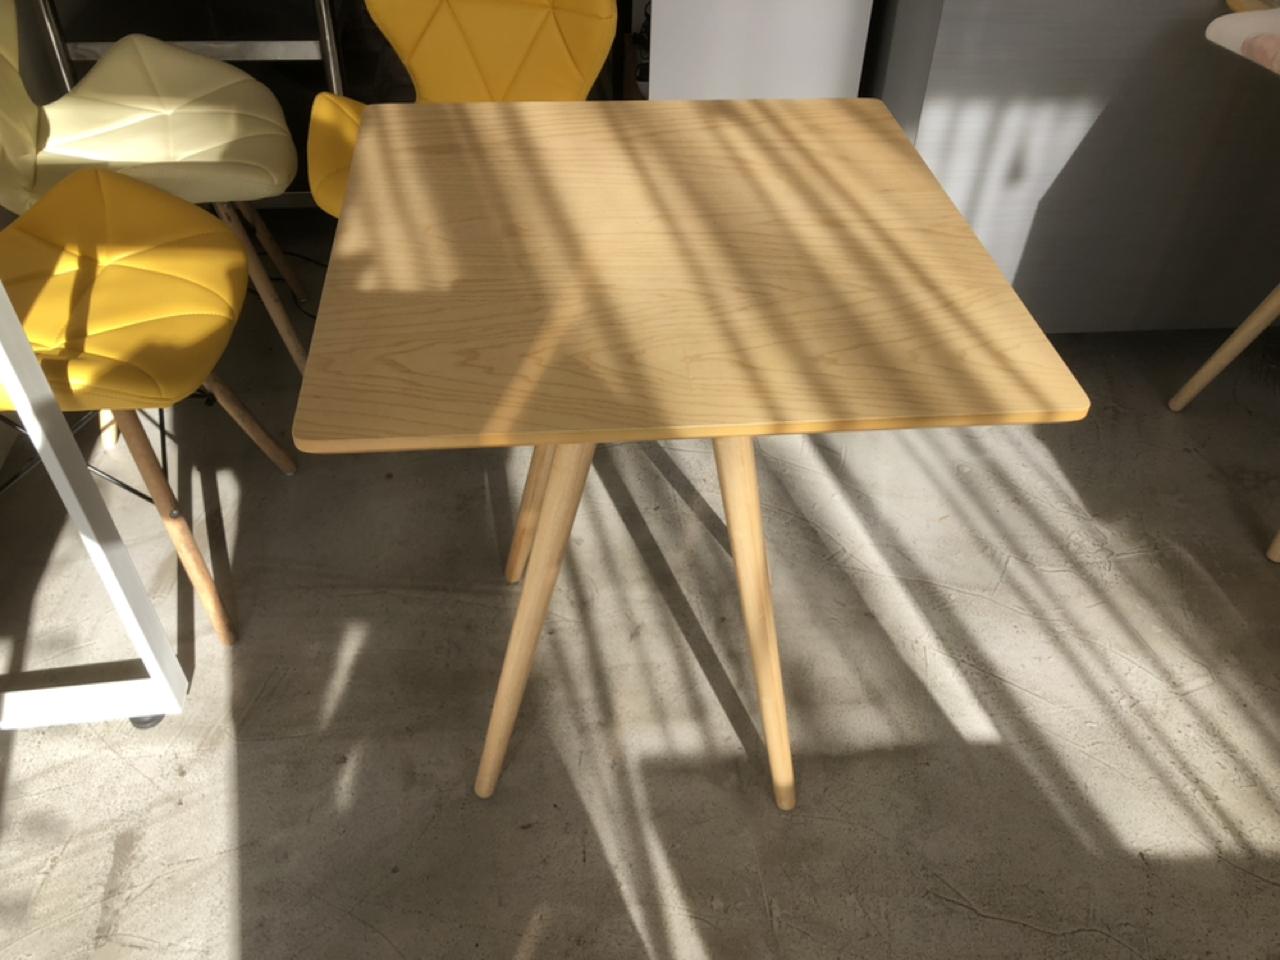 디센 의자, 테이블팝니다(의자 1.5 / 테이블 2)